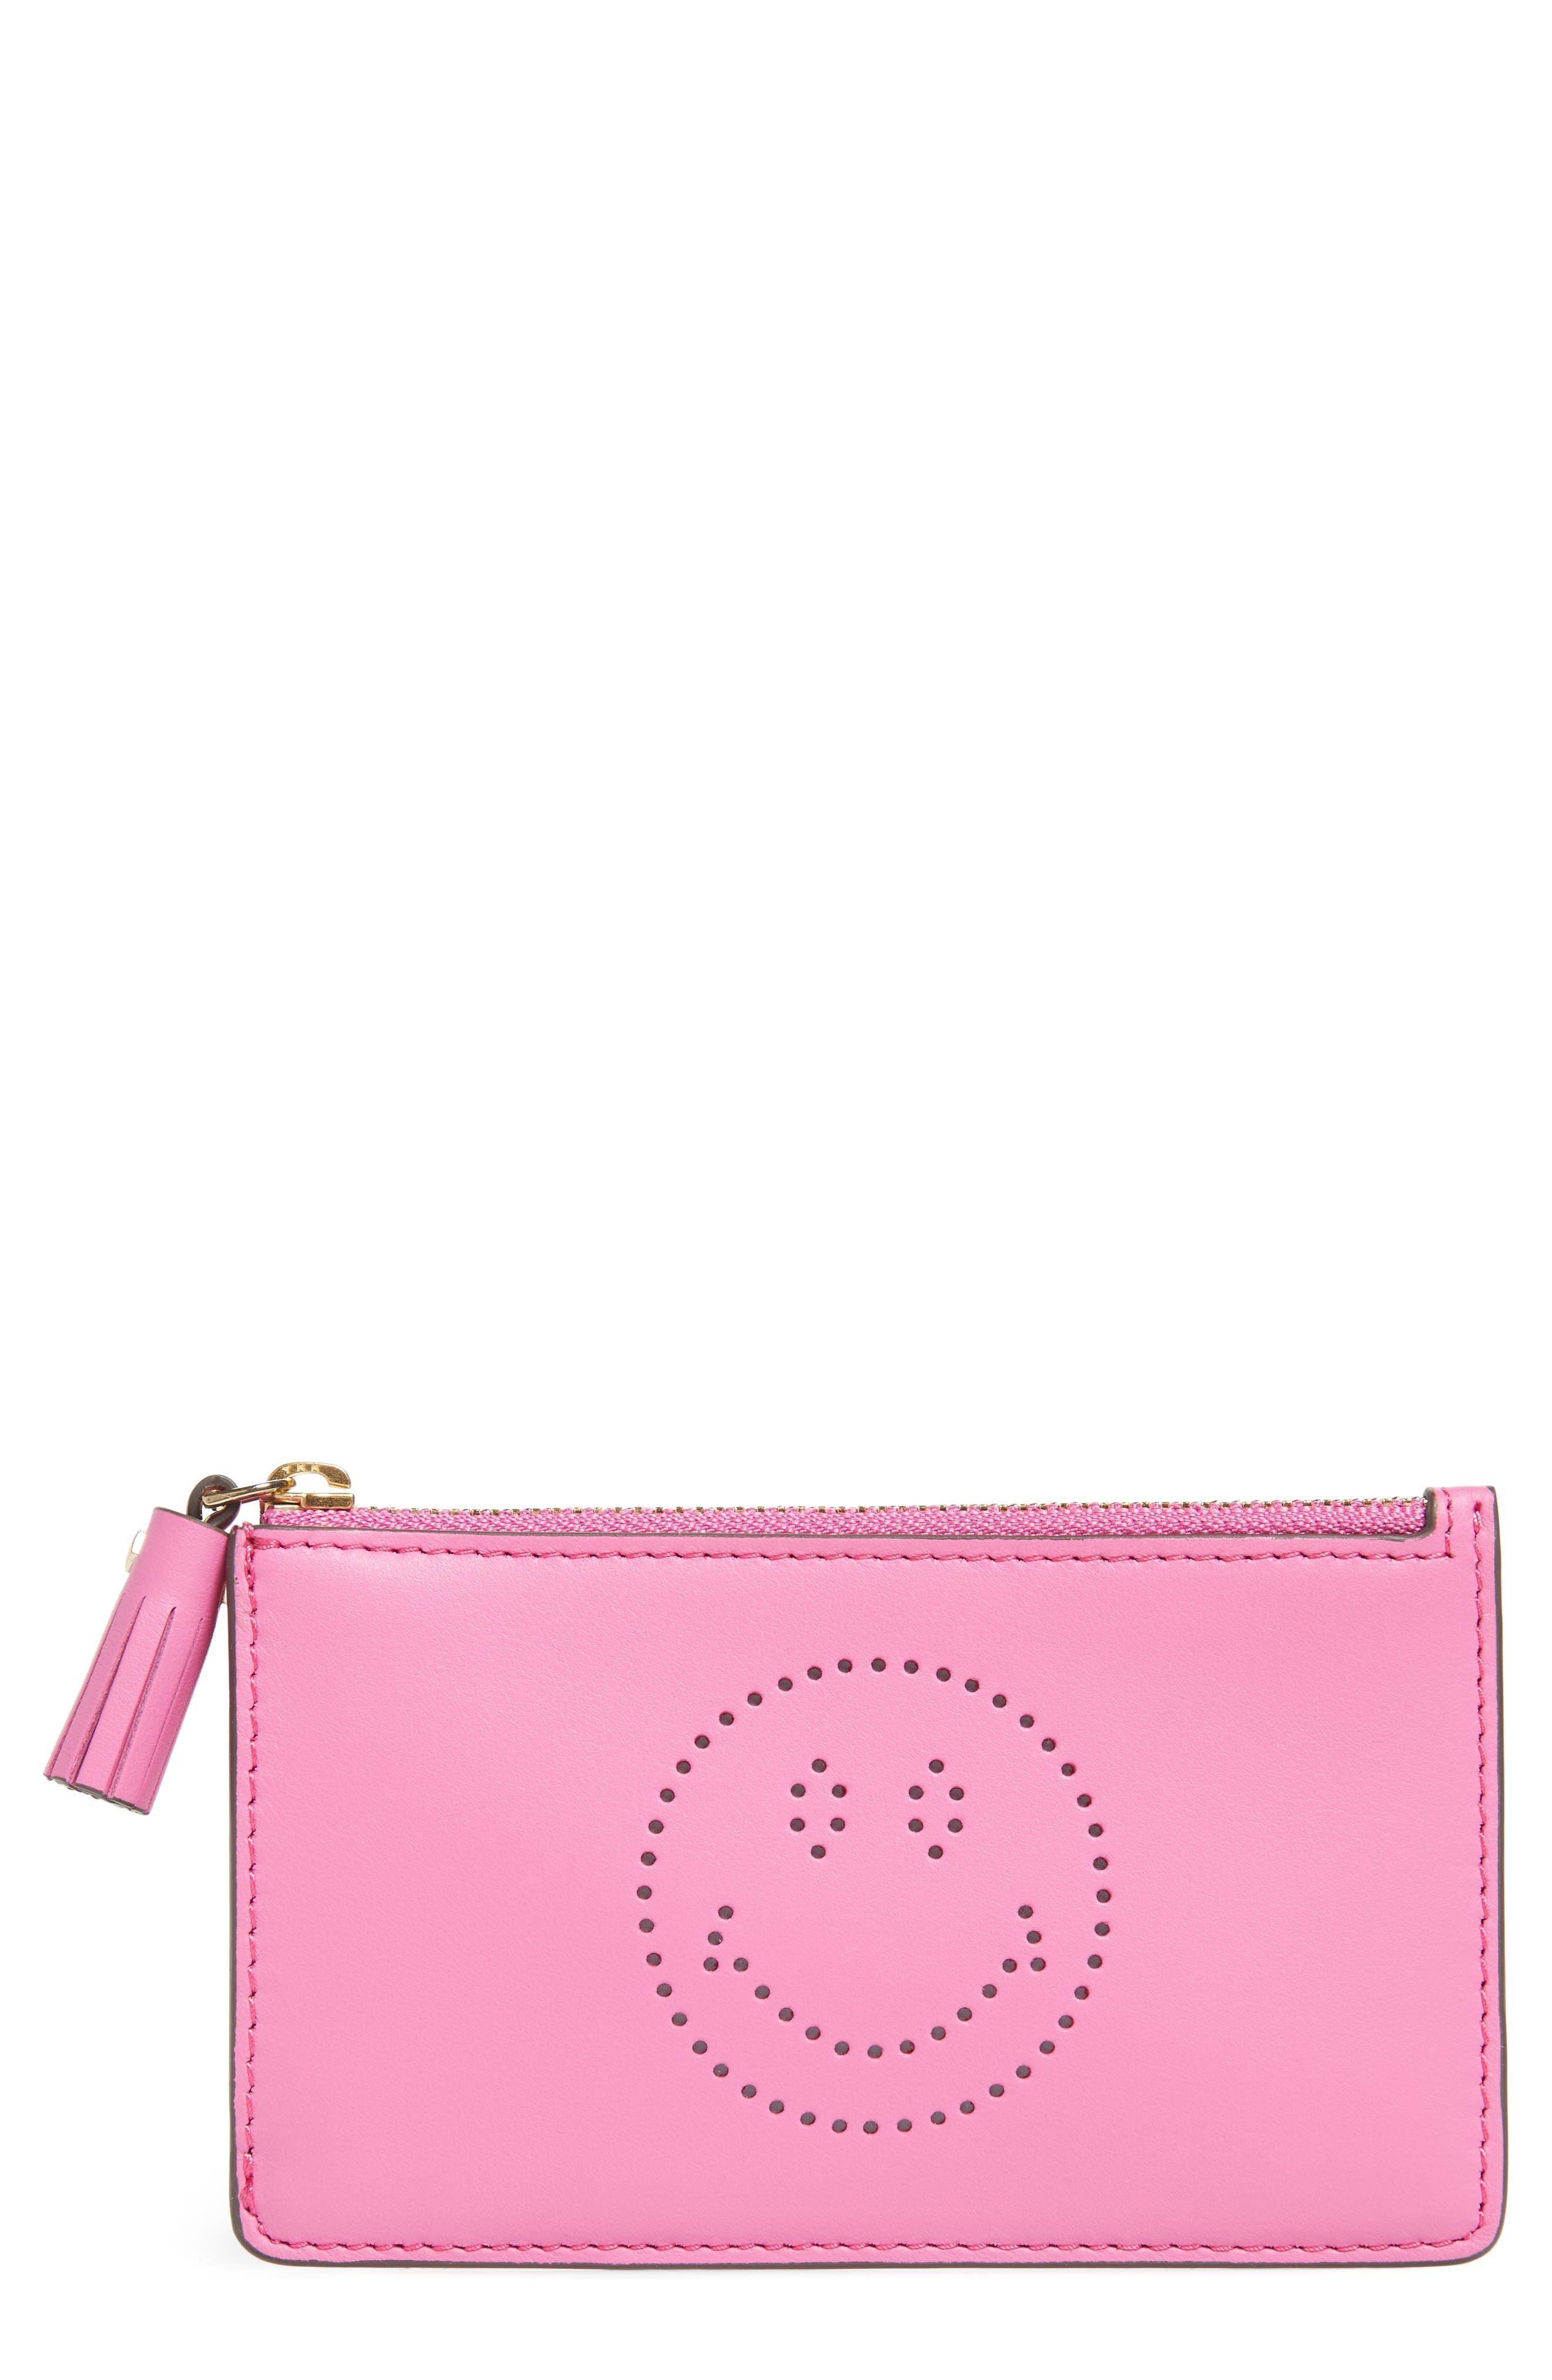 Smiley Leather Card Case,                             Main thumbnail 1, color,                             Bubblegum